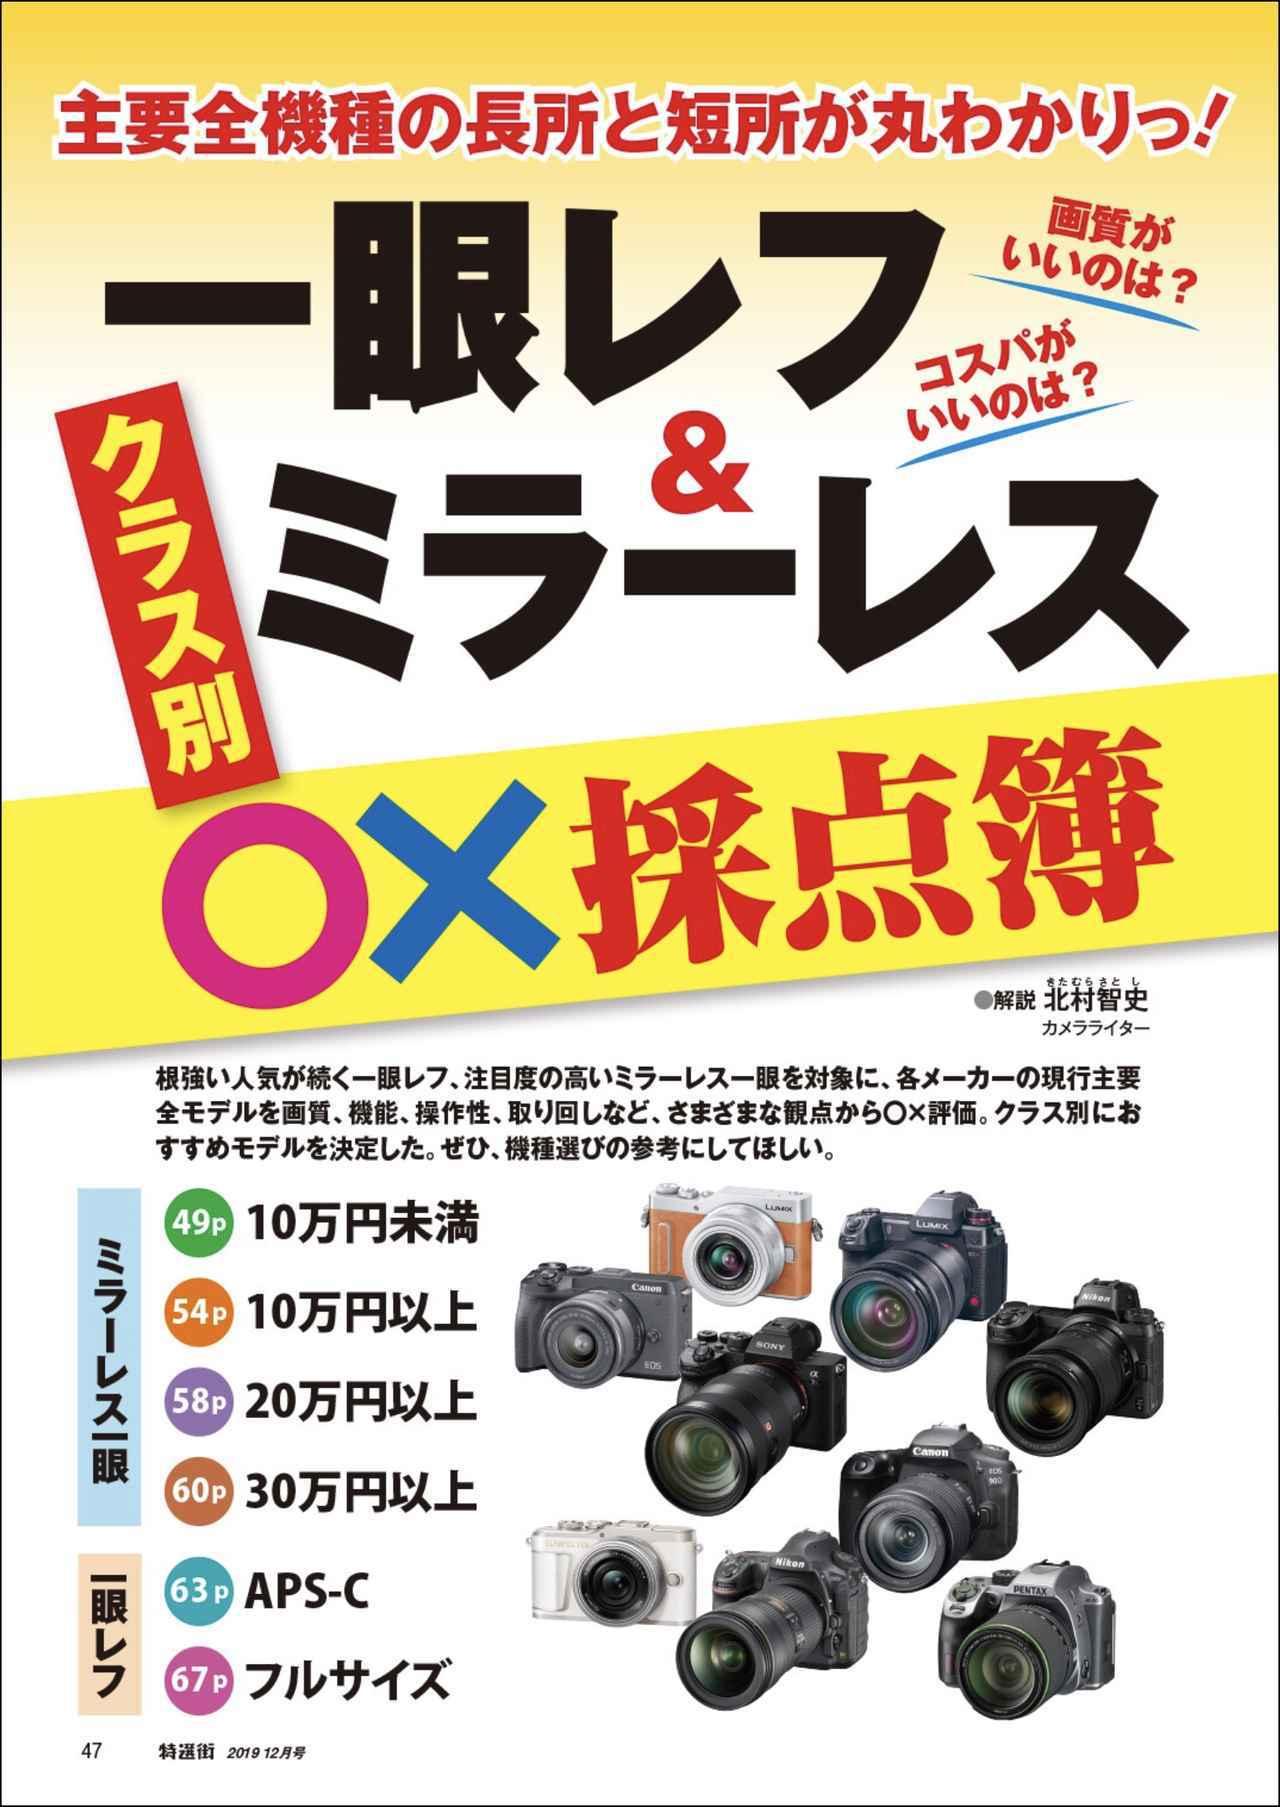 画像3: 「特選街12月号」本日発売!「デジカメ撮影術」「一眼レフ&ミラーレス」「フィルム写真」などなどカメラ大特集号。